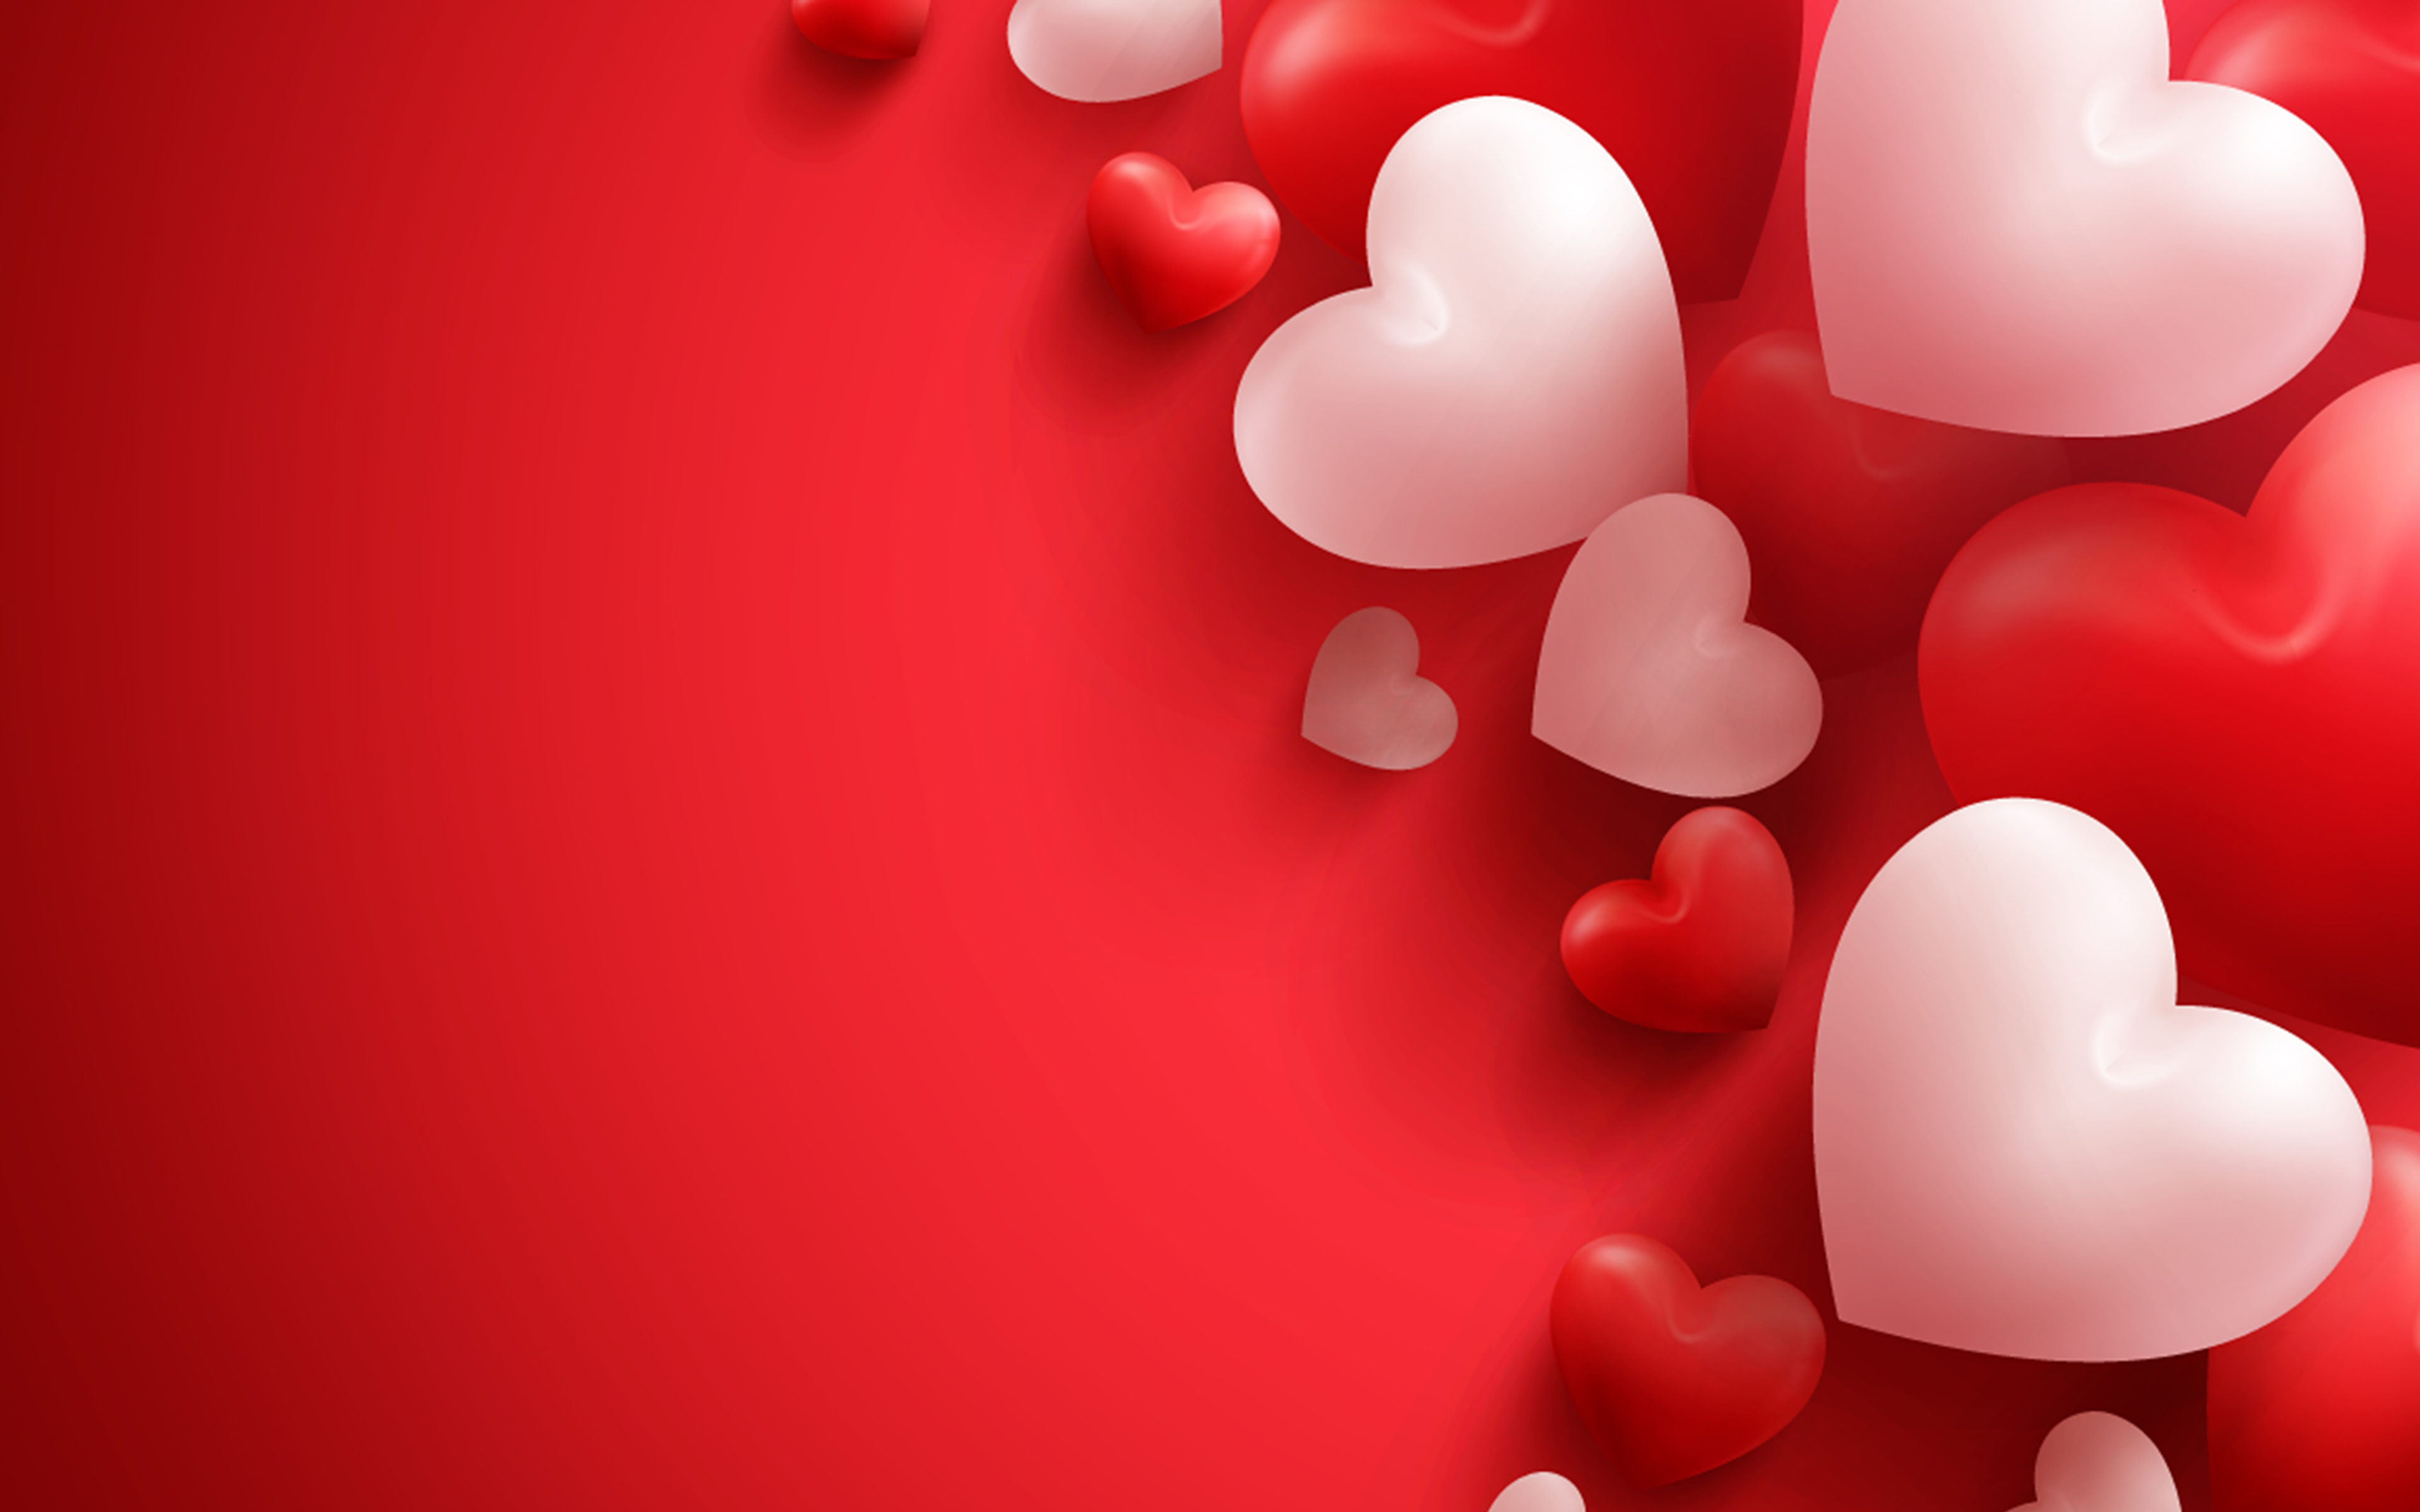 фото день всех влюблённых сердце красном фоне 3840x2400